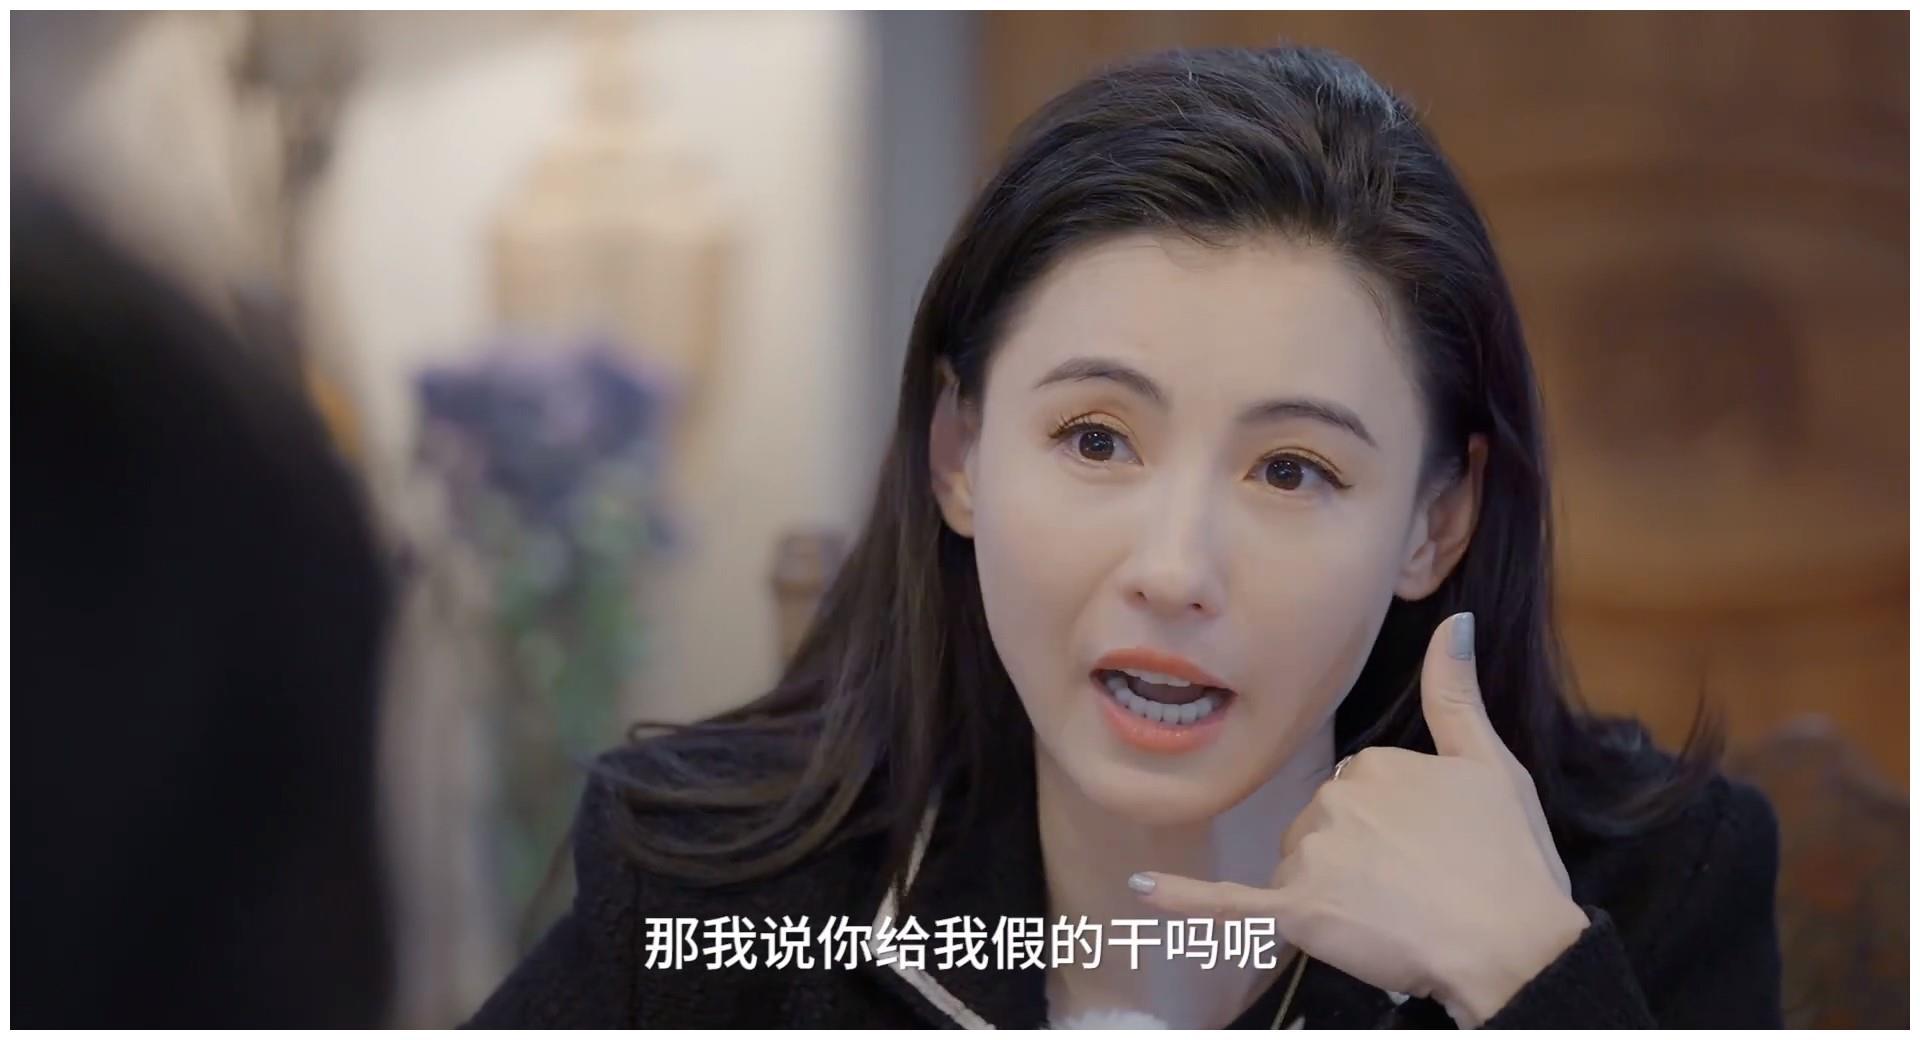 张栢芝为拍《喜剧之王》幕吐了八次, 泪忆儿时让位姐姐跟妈离家!